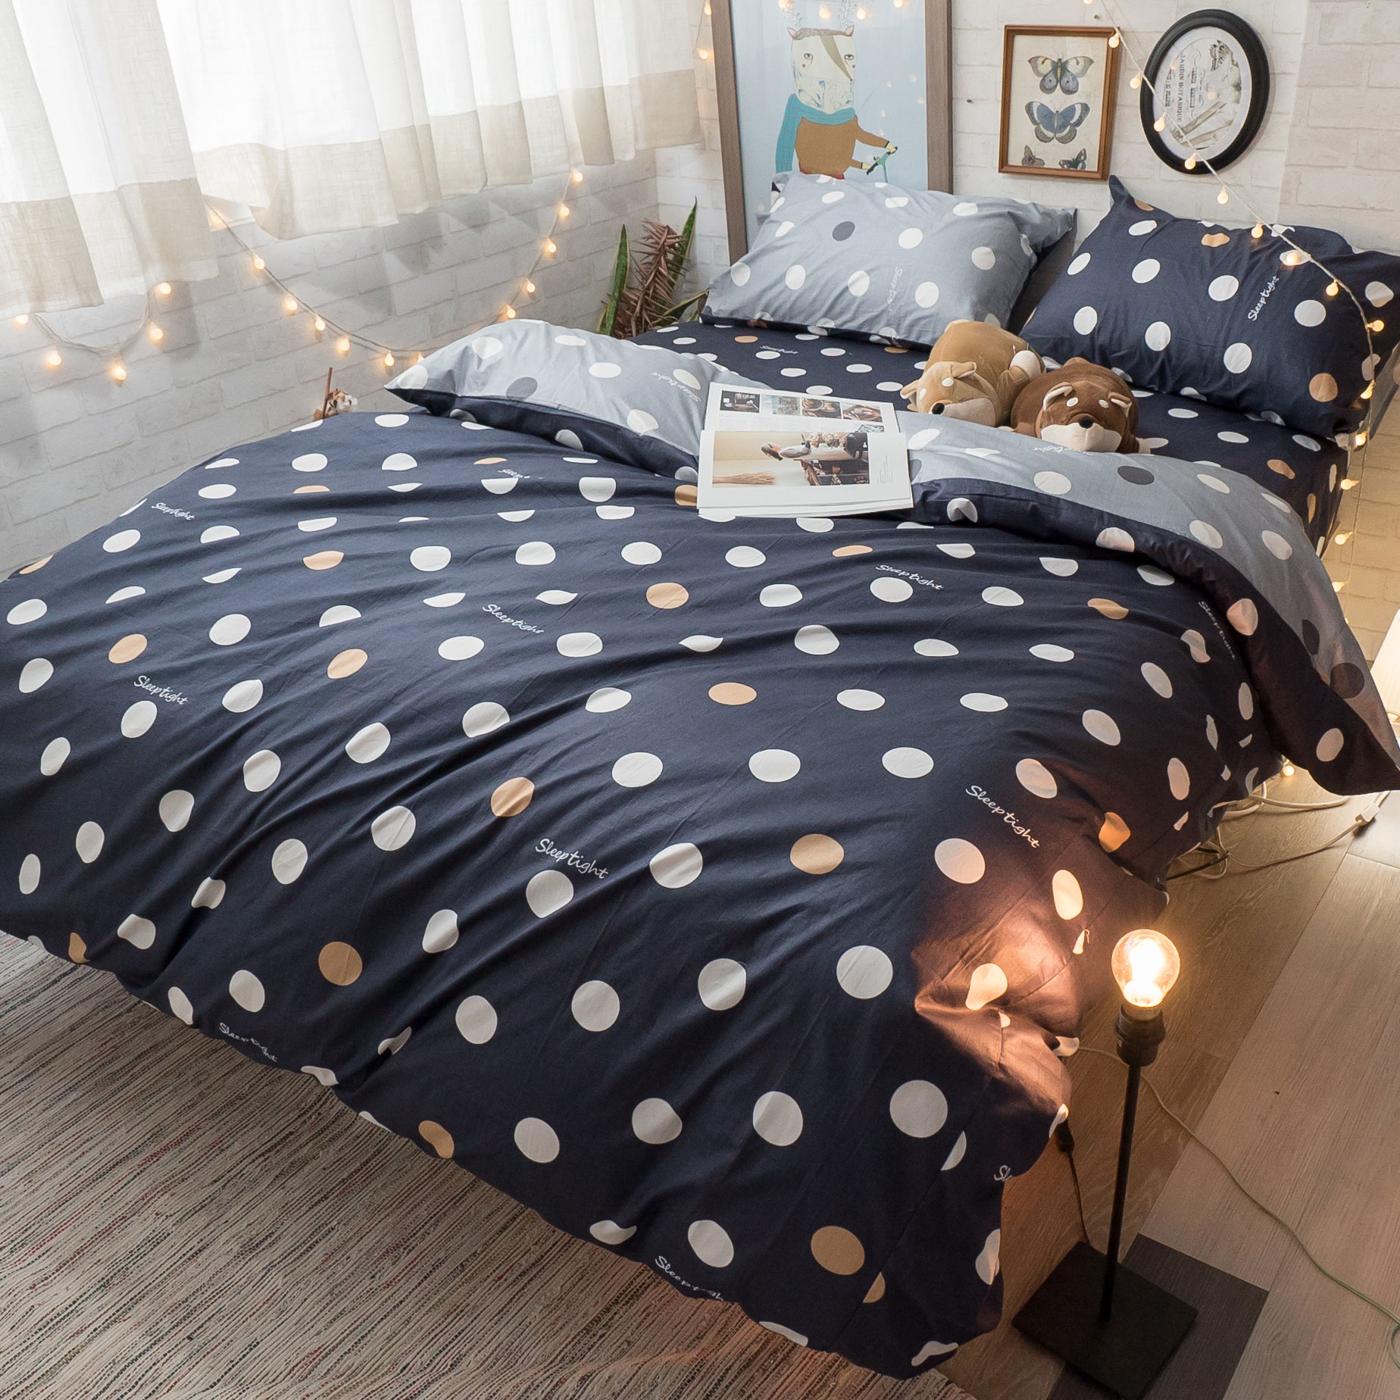 【預購】爵士圓舞曲  D2雙人床包雙人薄被套四件組  100%精梳棉  台灣製